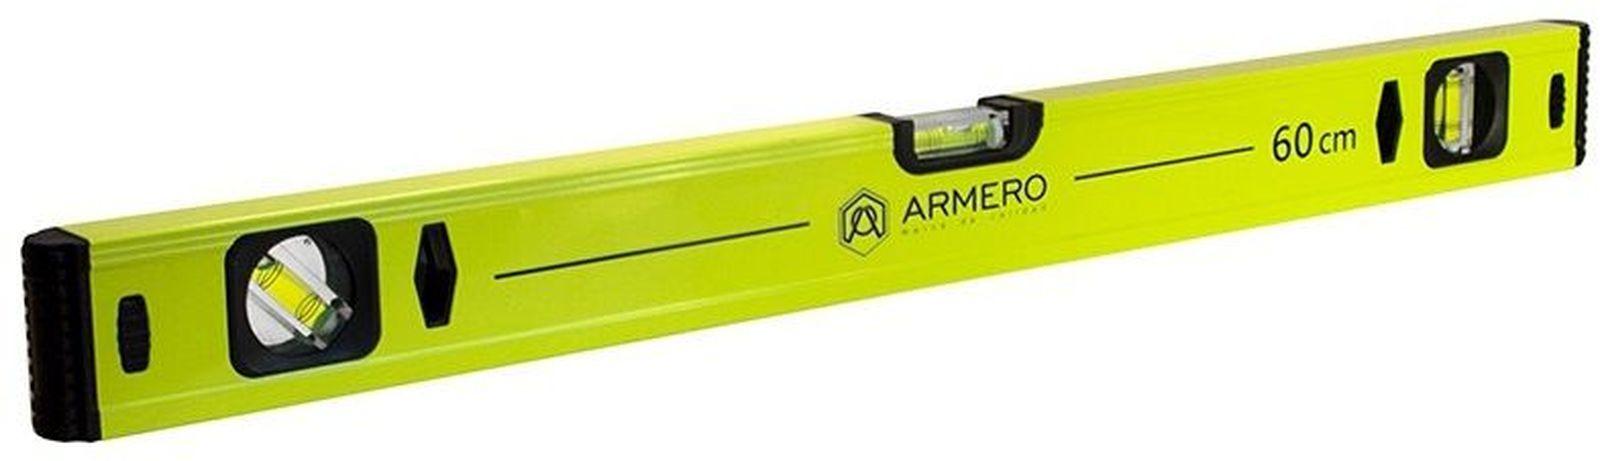 Уровень алюминиевый Armero, 3 глазка, магнит, 80 см